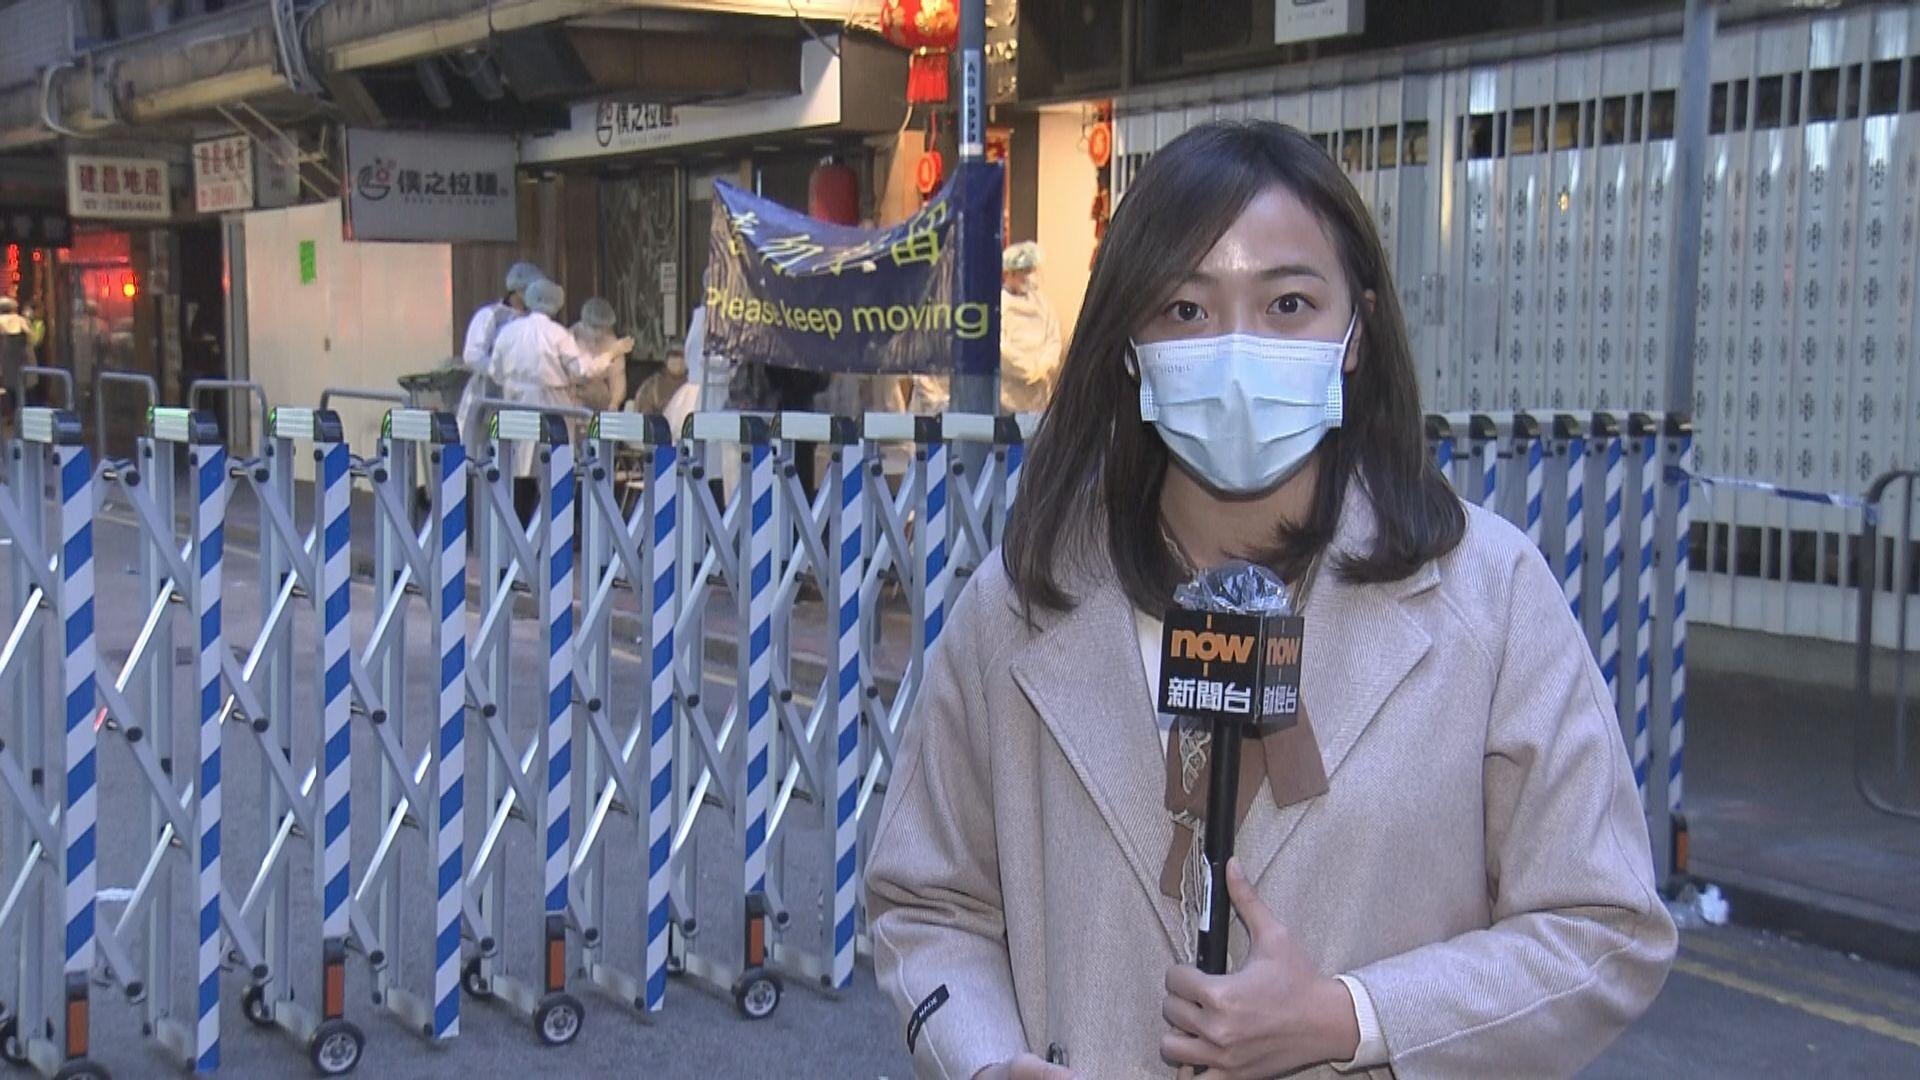 【現場報道】佐敦文英樓被圍封 樓下通宵營業商店未能開門營業